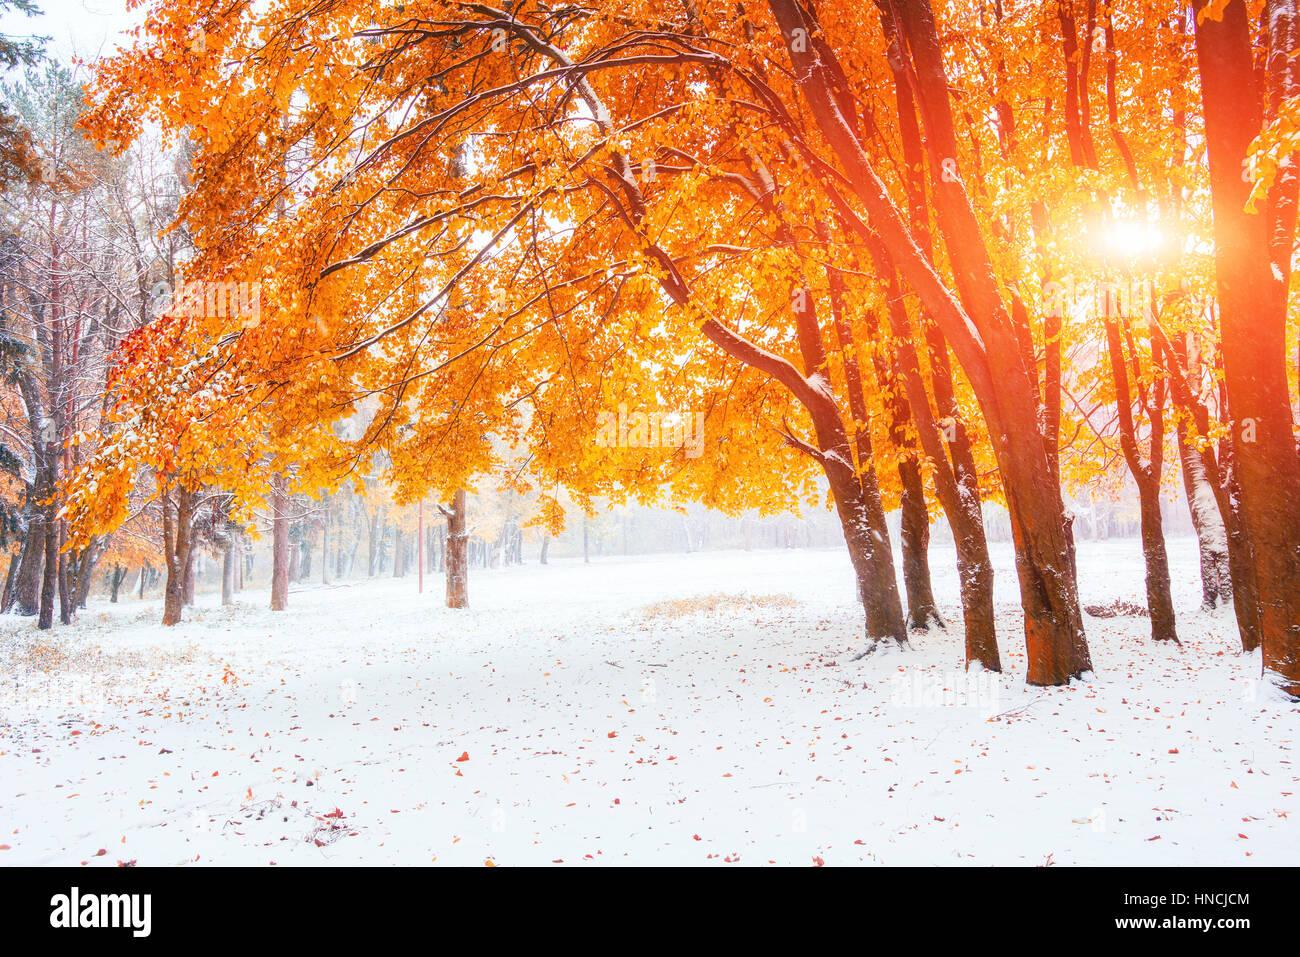 La luz solar atraviesa el otoño las hojas de los árboles en el ea Imagen De Stock